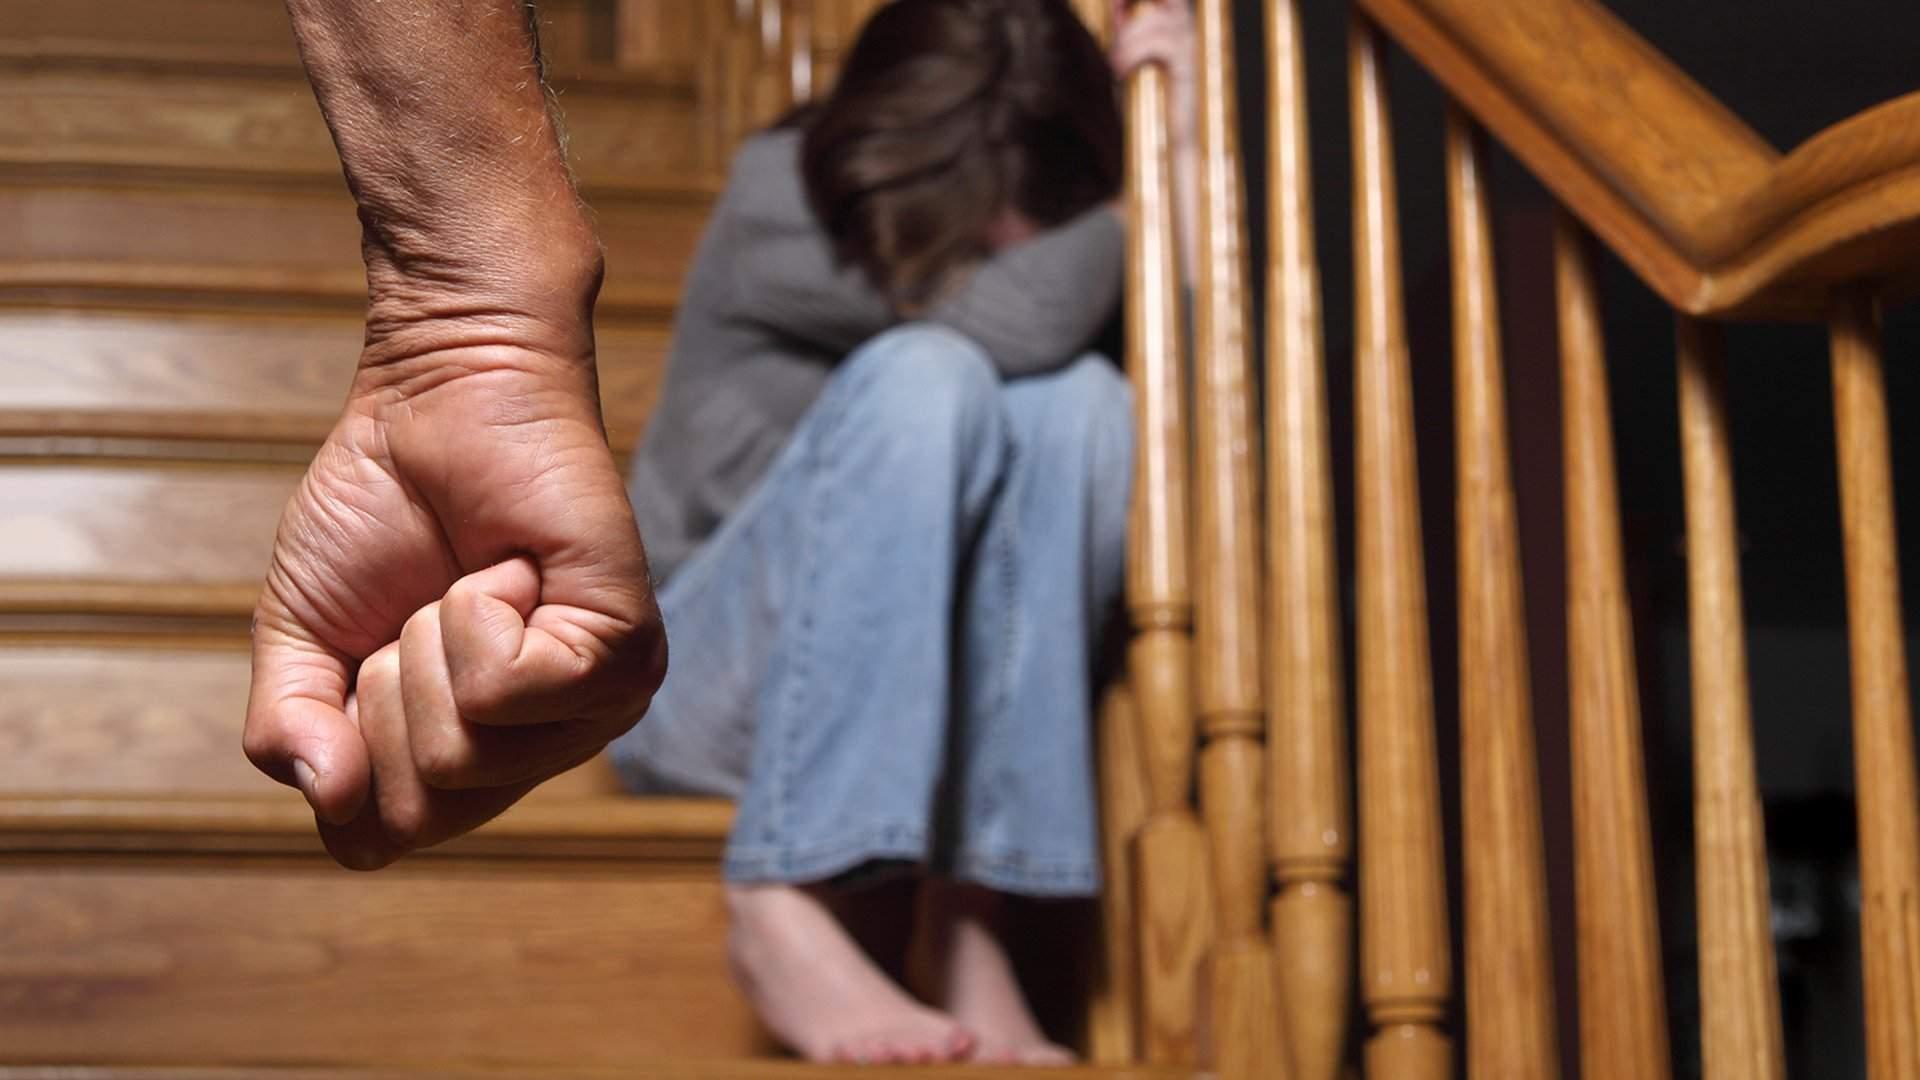 Домашнее изнасилование приемной дочери